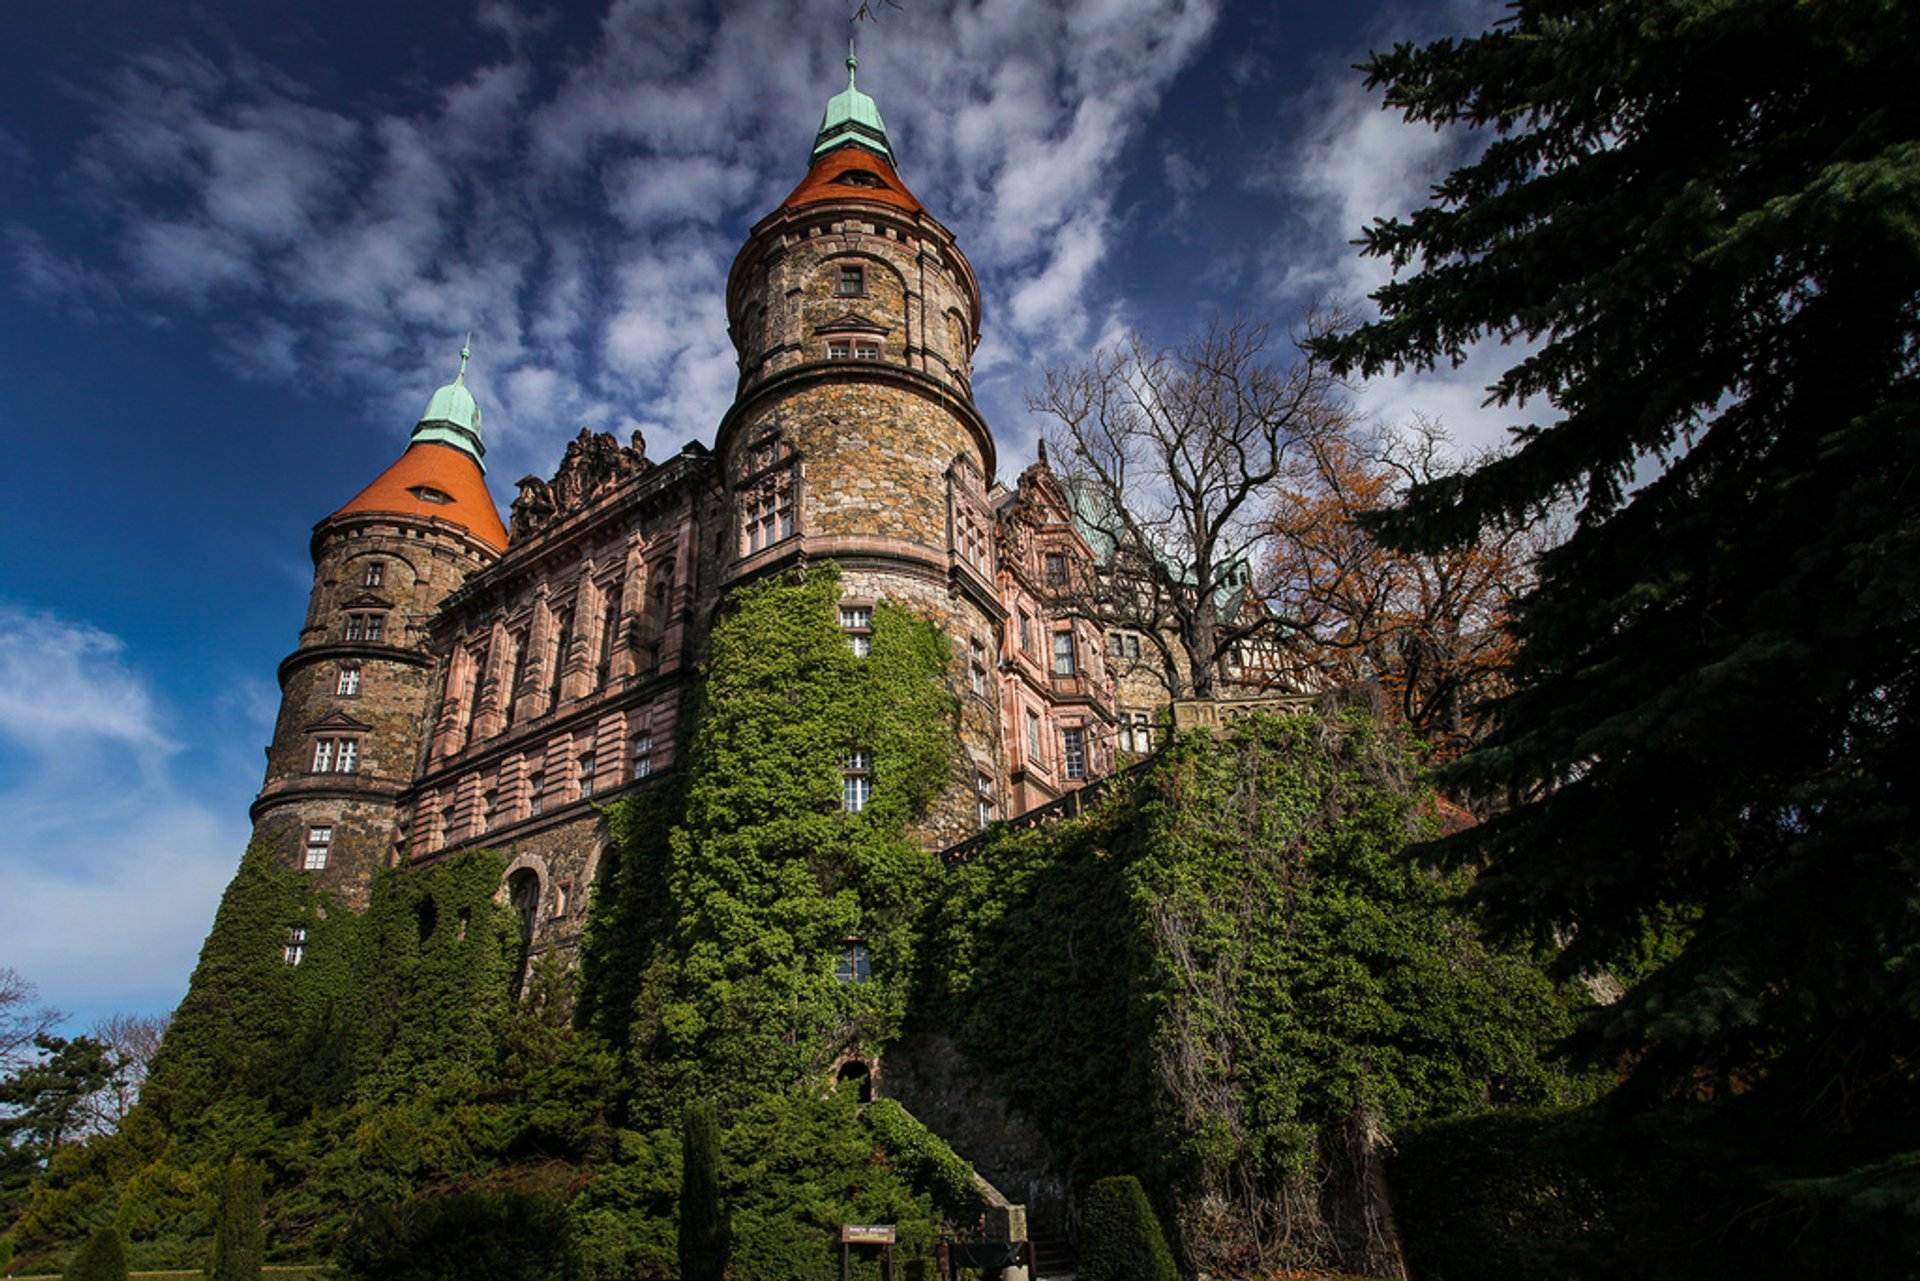 Książ Castle (Zamek Książ) in Poland 2020 - Best Time